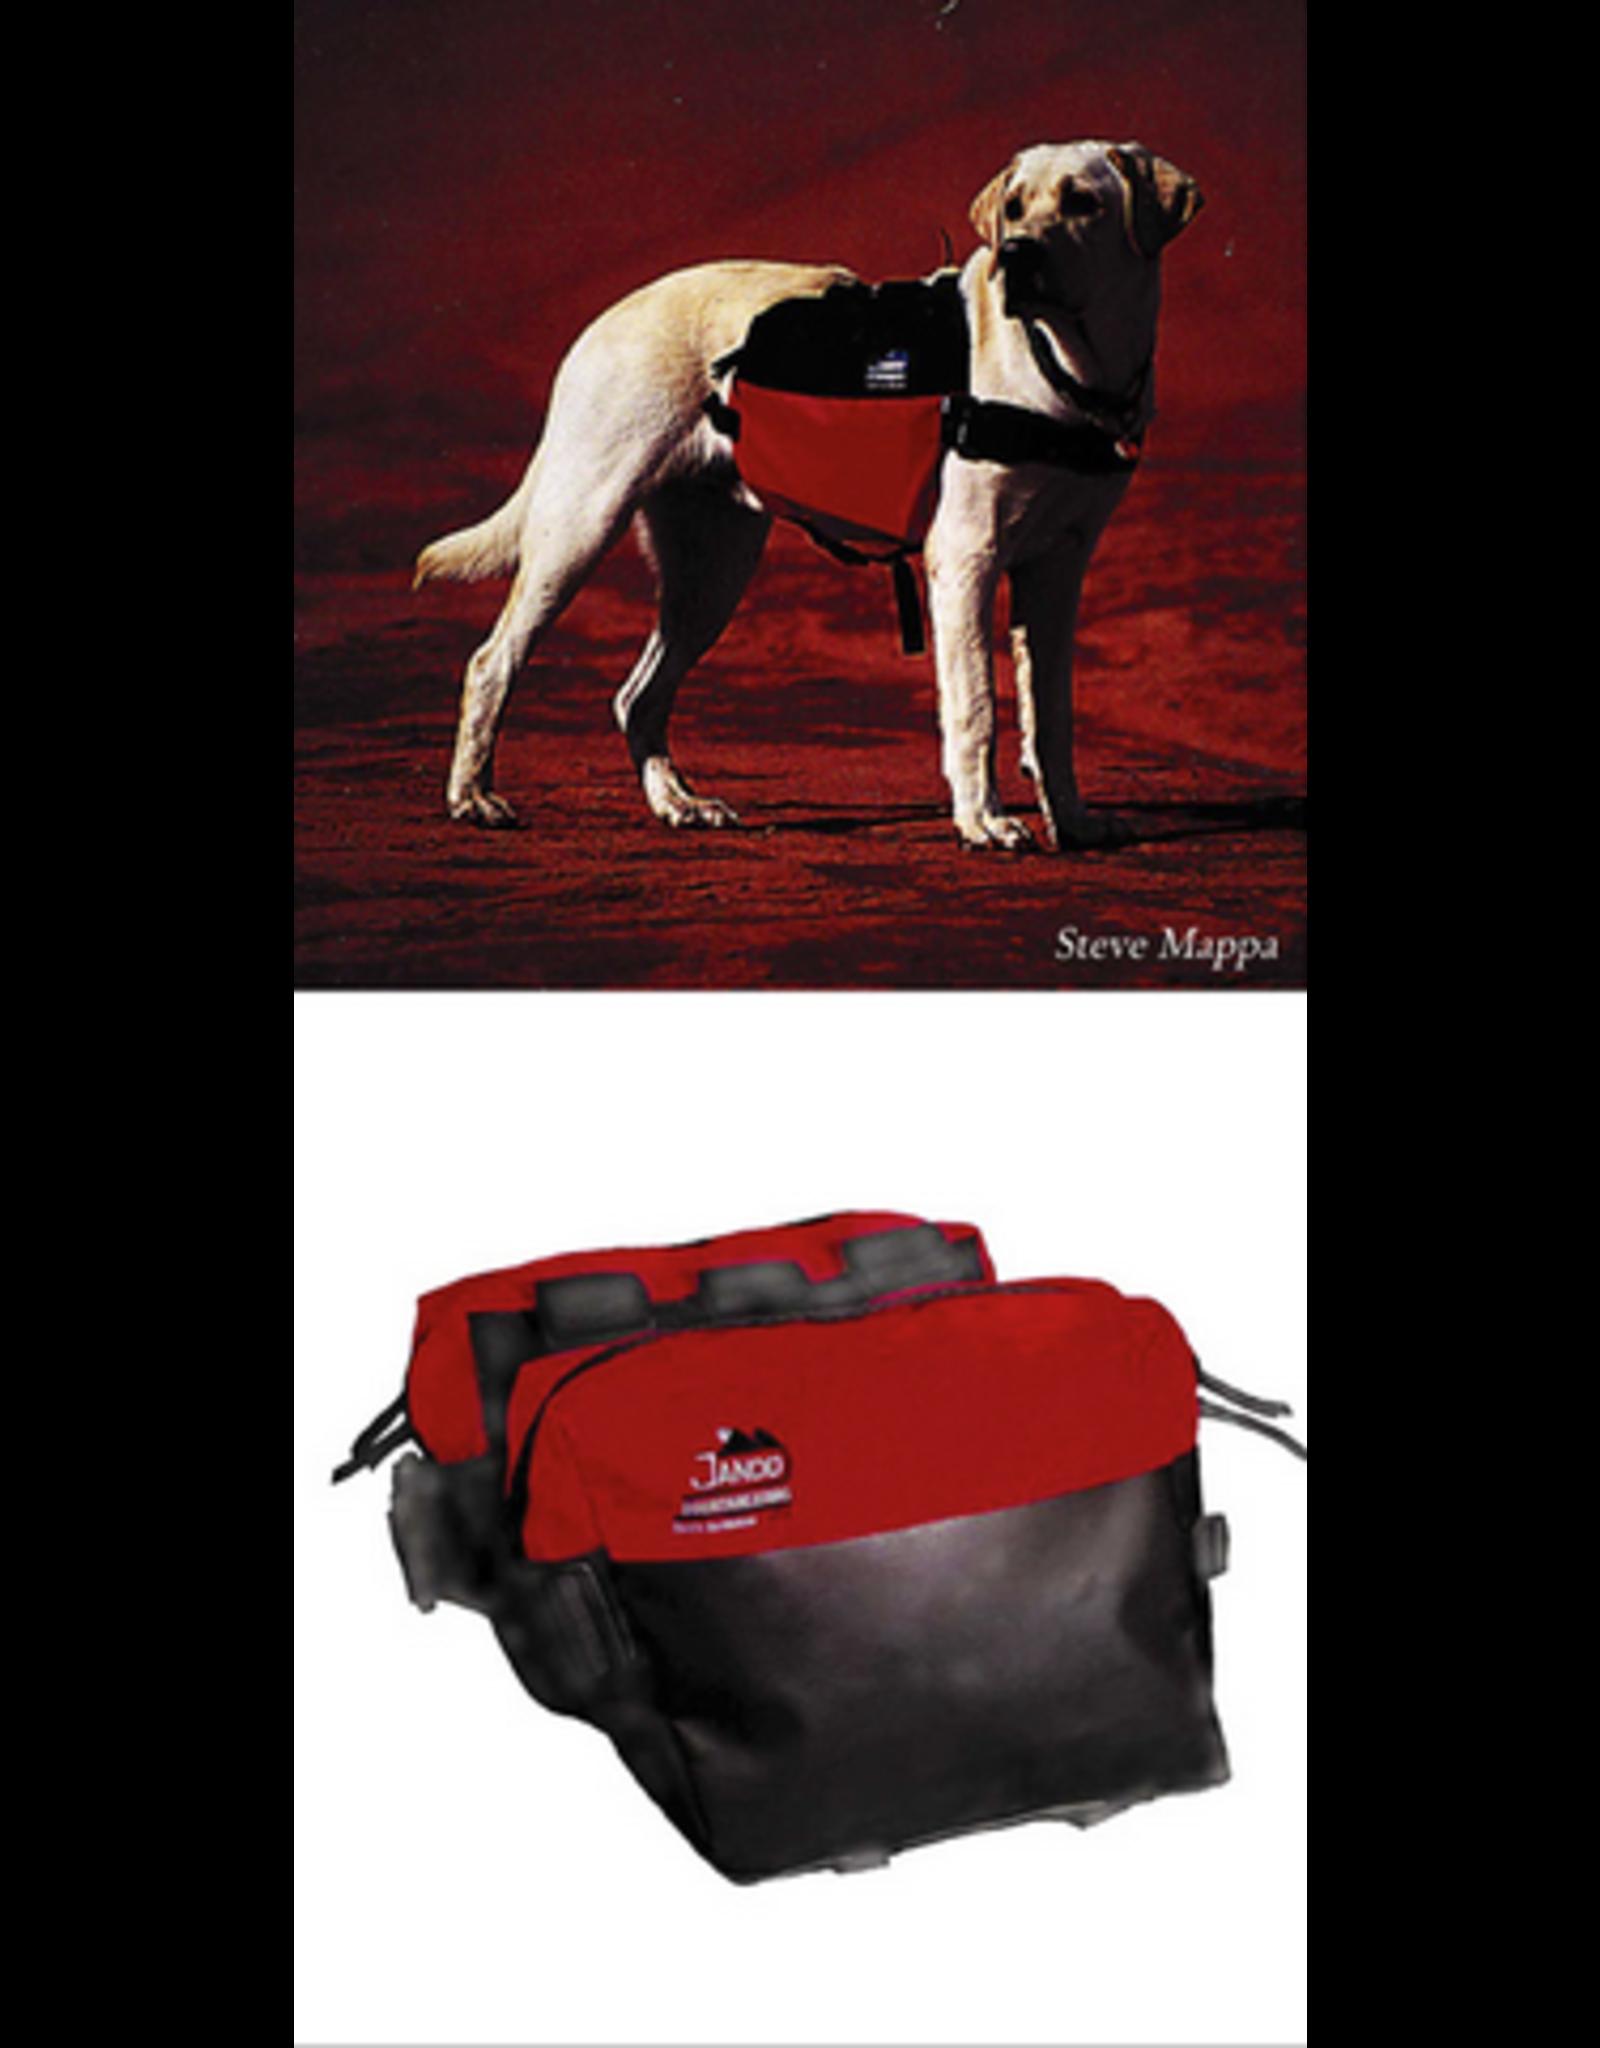 Jandd Accessory, Bag, Dog Pannier - Jandd Dog Pack Regular, Black